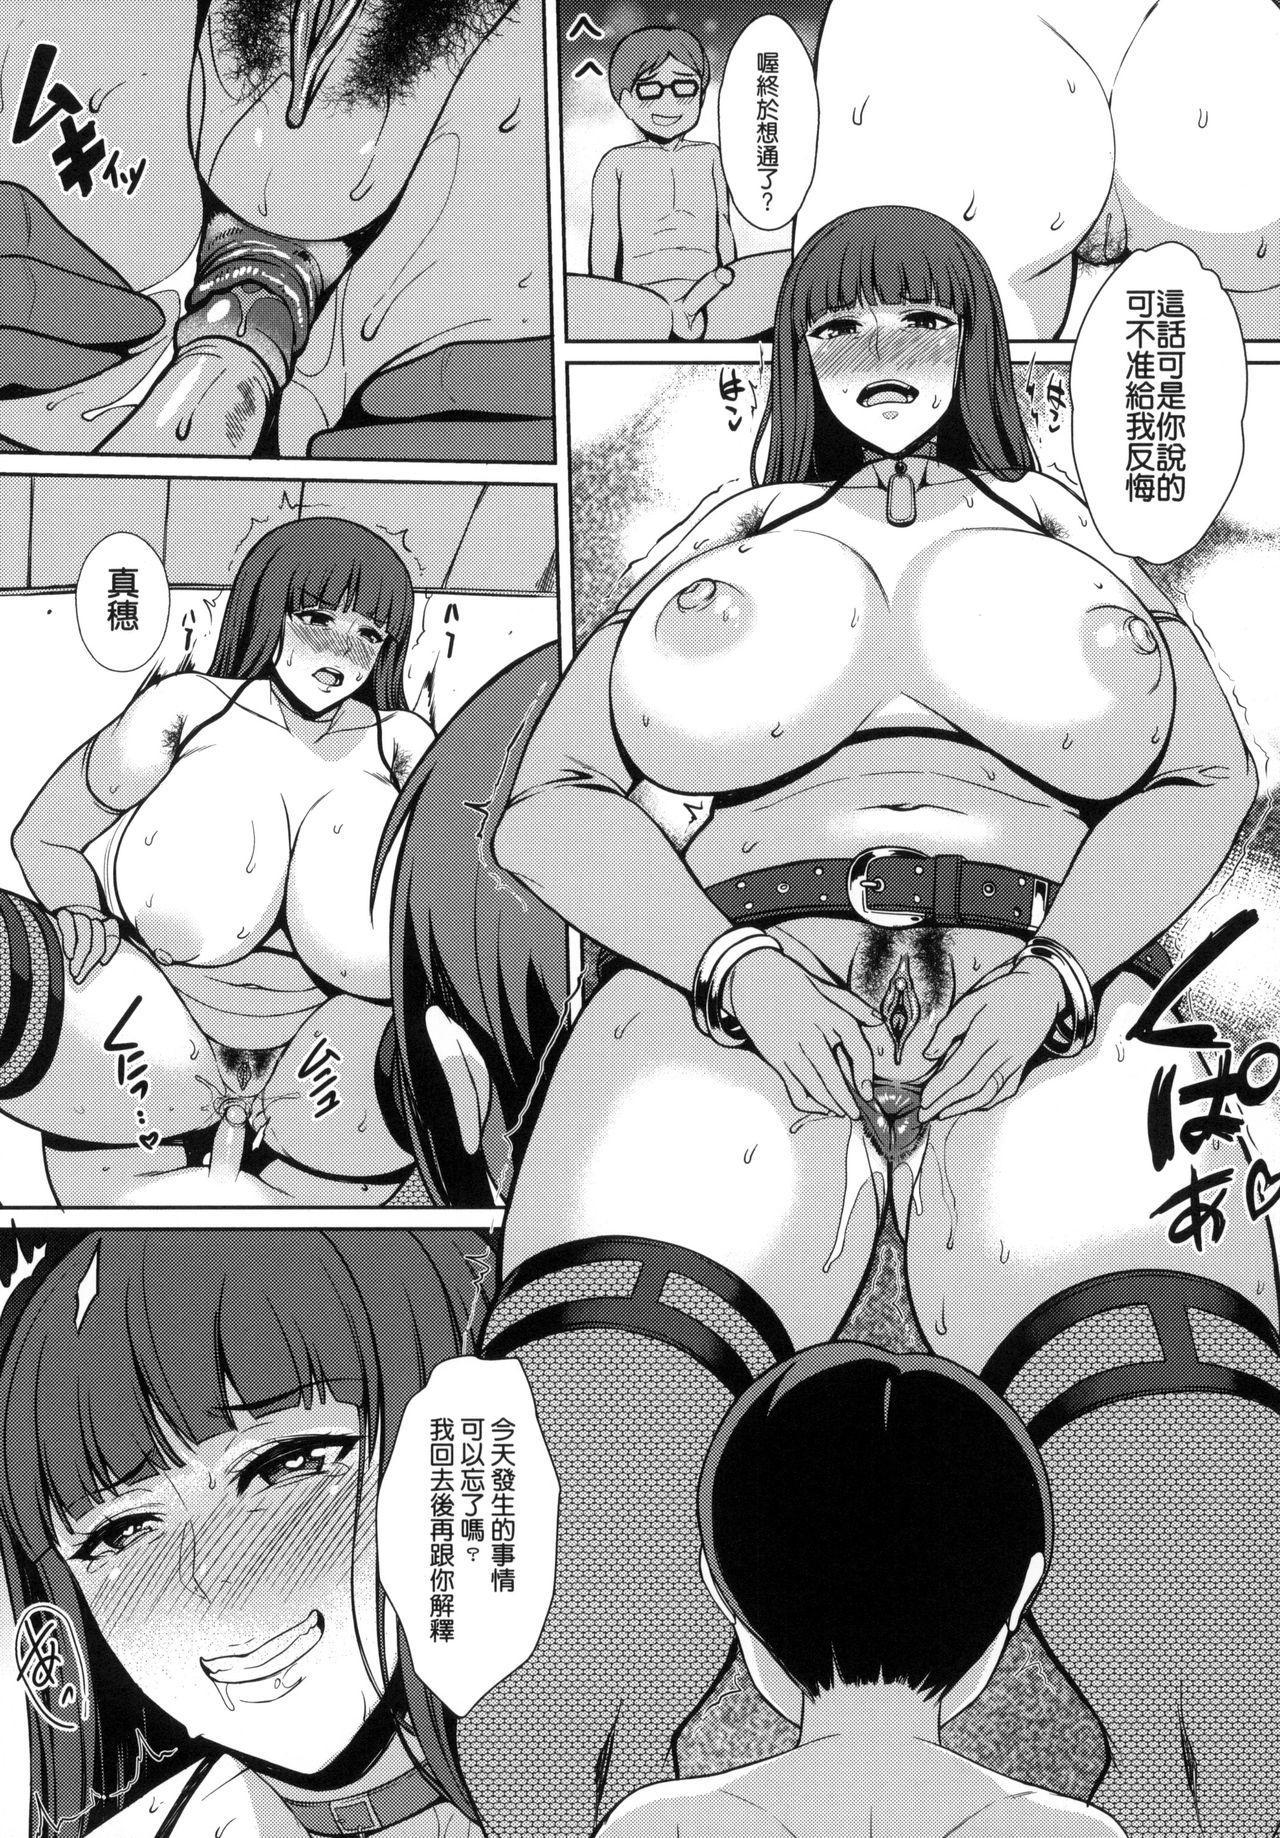 Nishizumi Fuuzoku-ryuu + 13